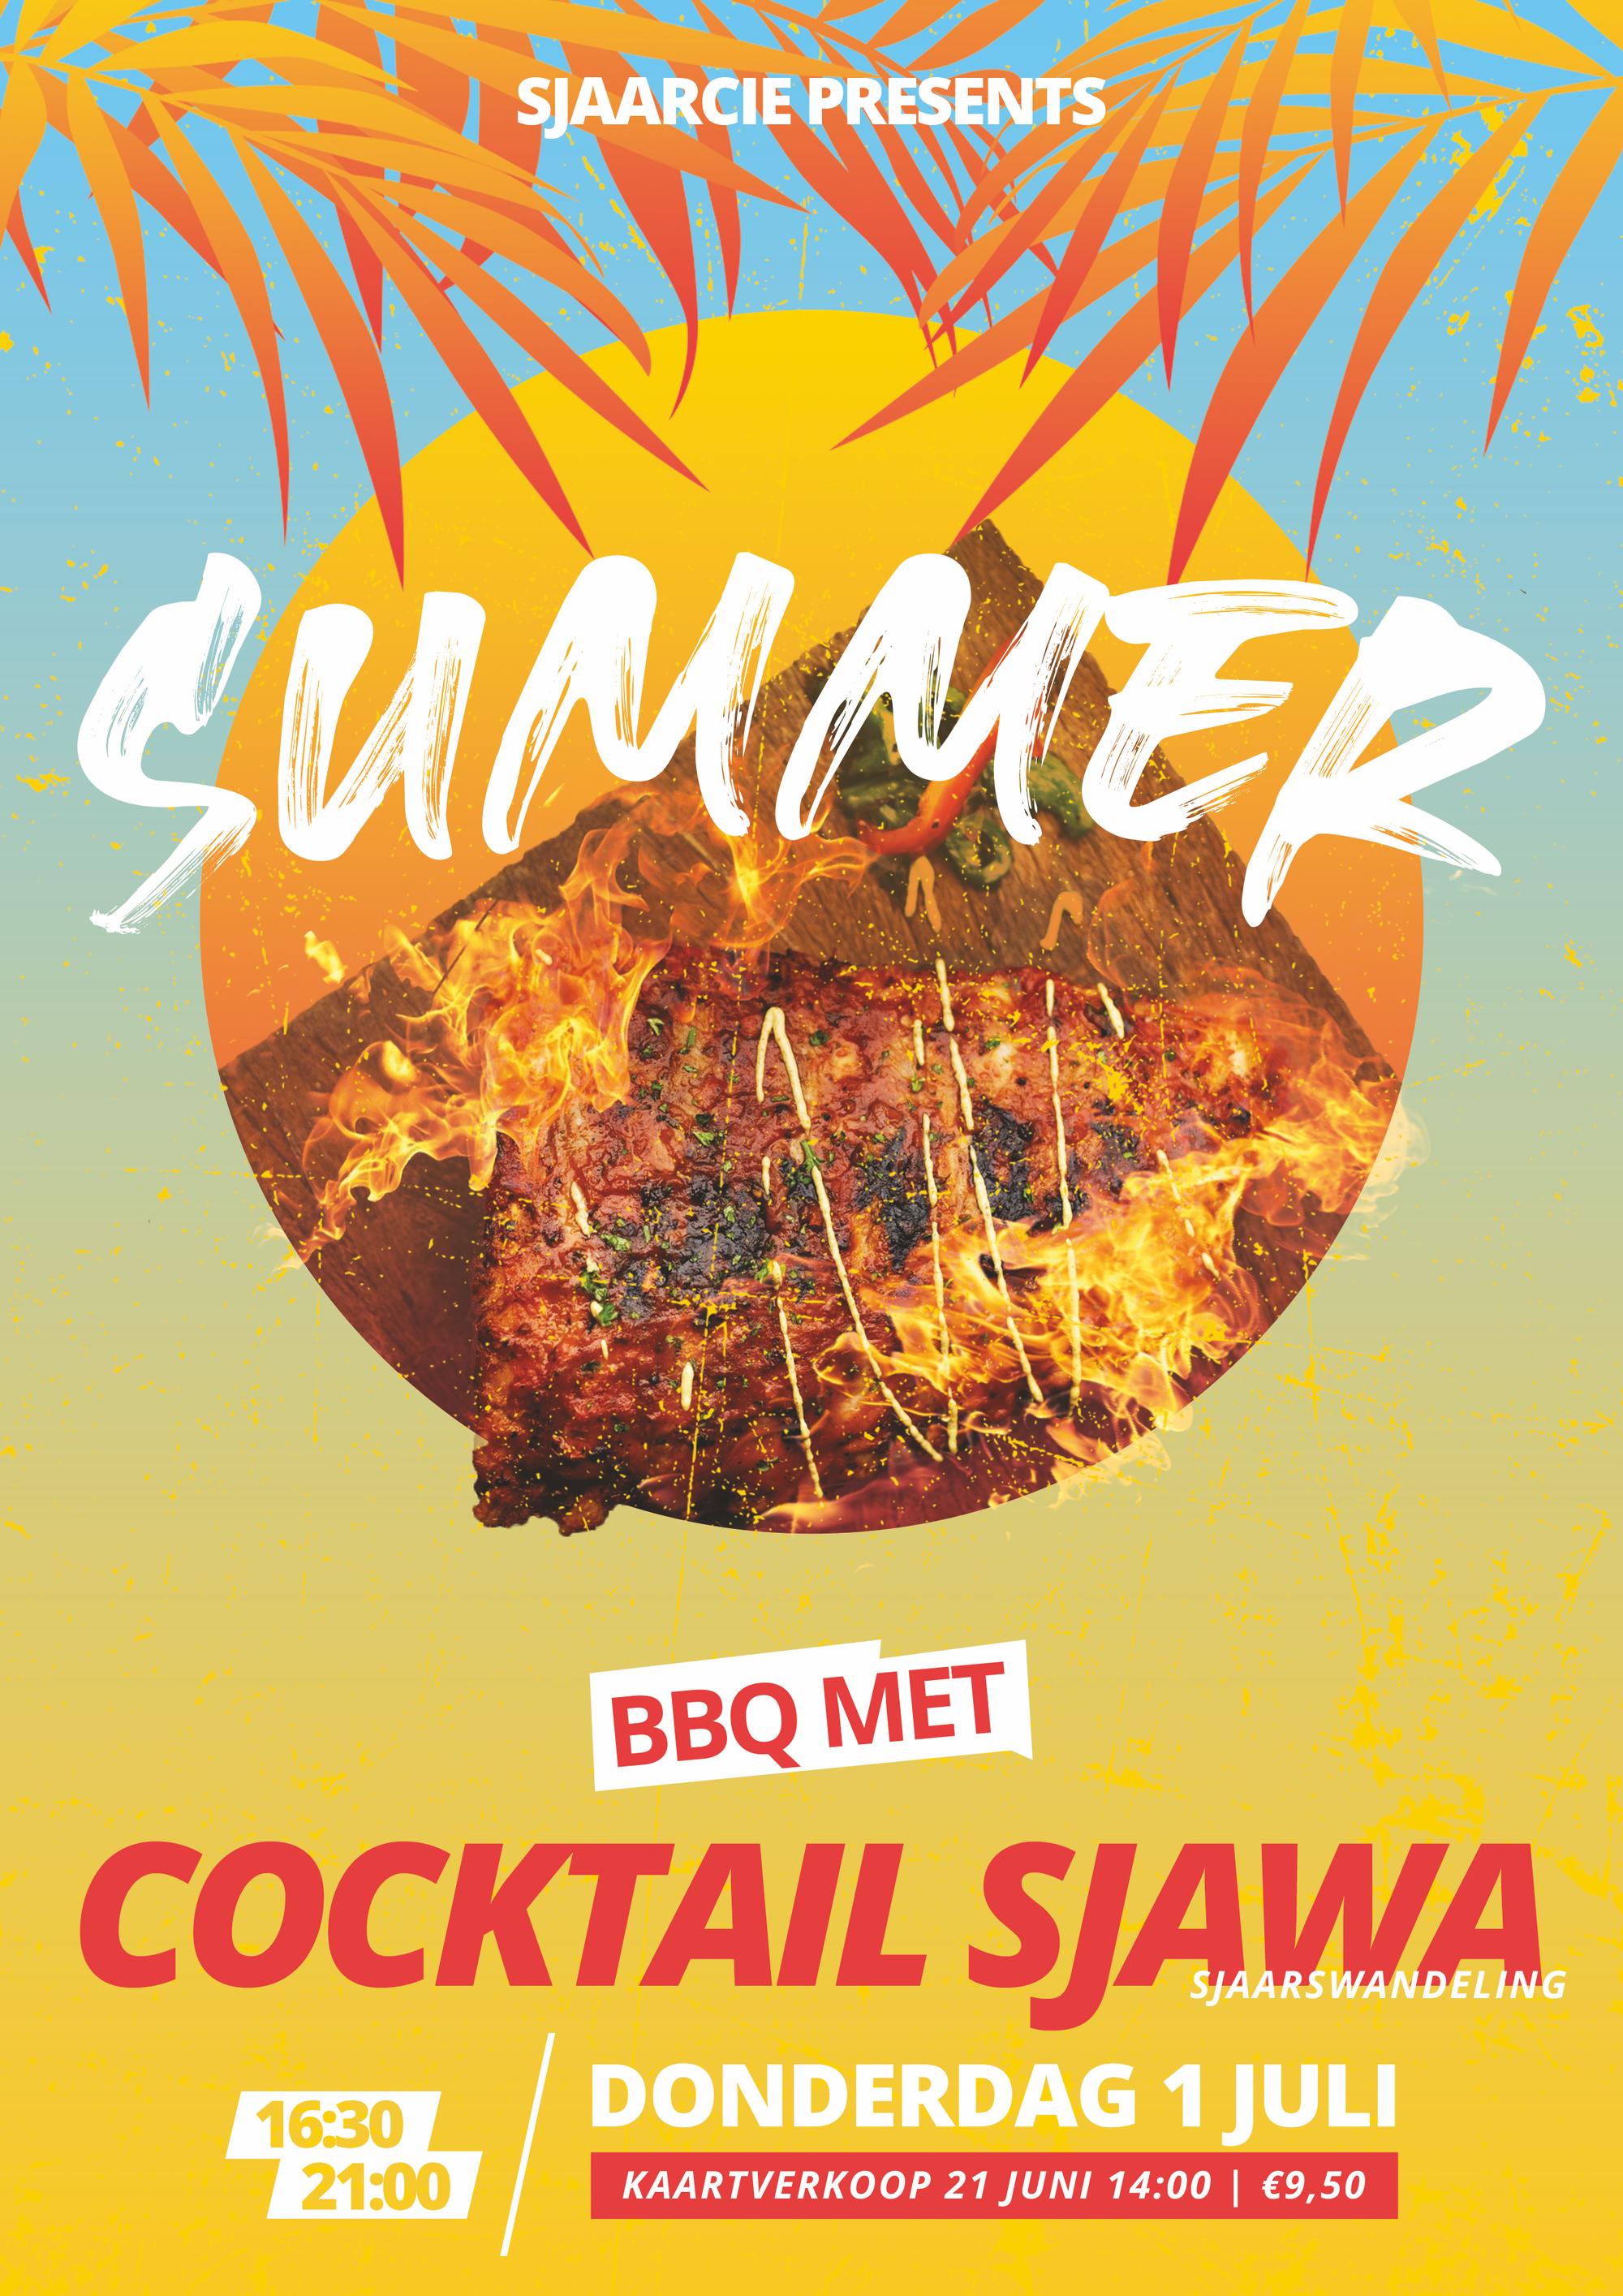 MFVN Eerstejaarsbarbecue met Sjawa (Sjaarswandeling)